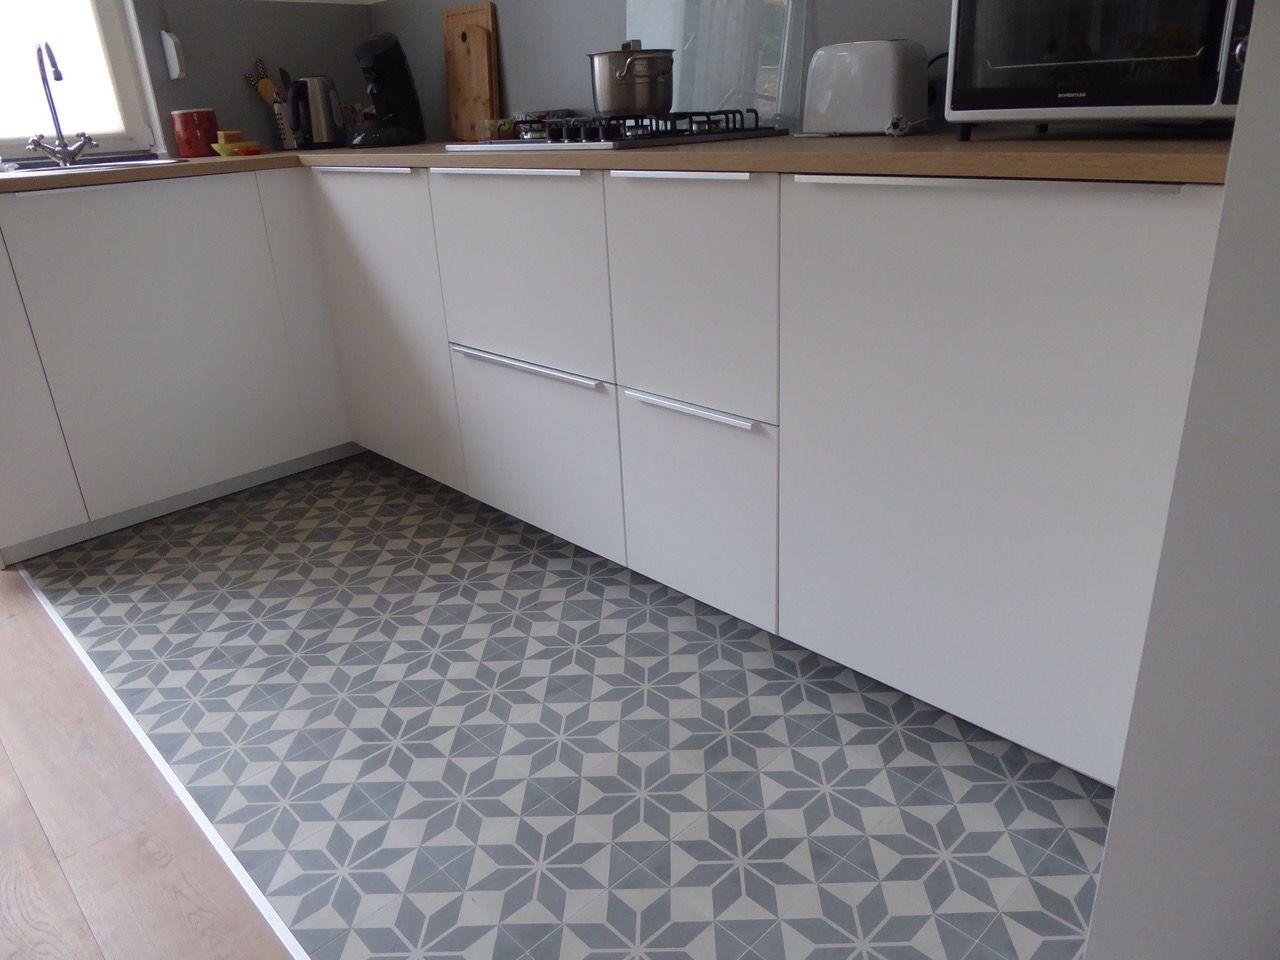 Tapijt Voor Keuken : Keuken tapijt tapijt deco flair keuken 50x120 bon appetit